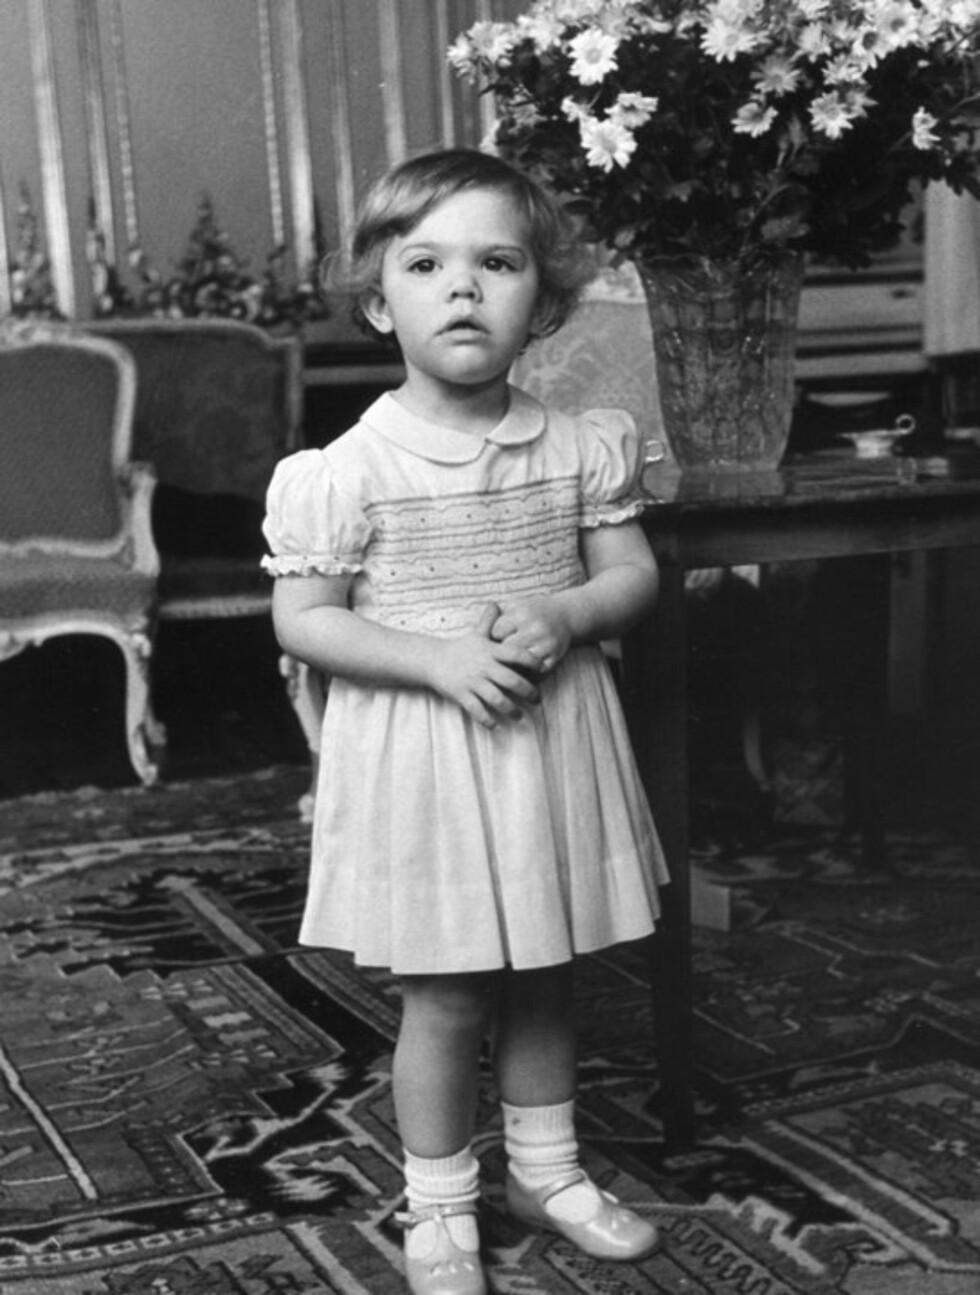 SØT JENTE: Kronprinsessen var svært sjarmerende allerede som 2-åring.  Foto: Stella  Pictures